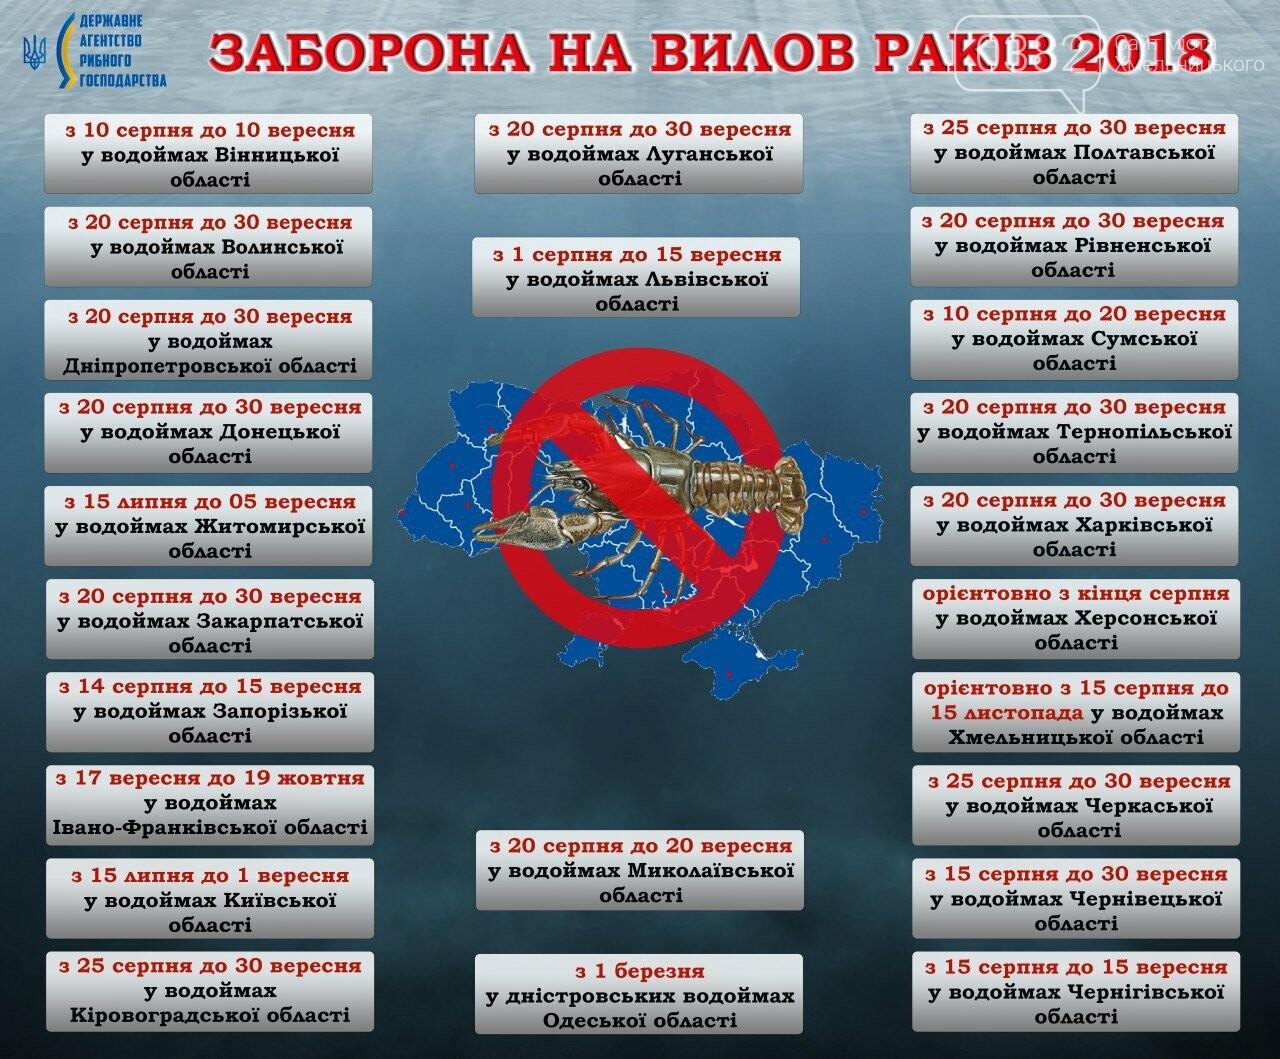 На Хмельниччині заборонили вилов раків, фото-1